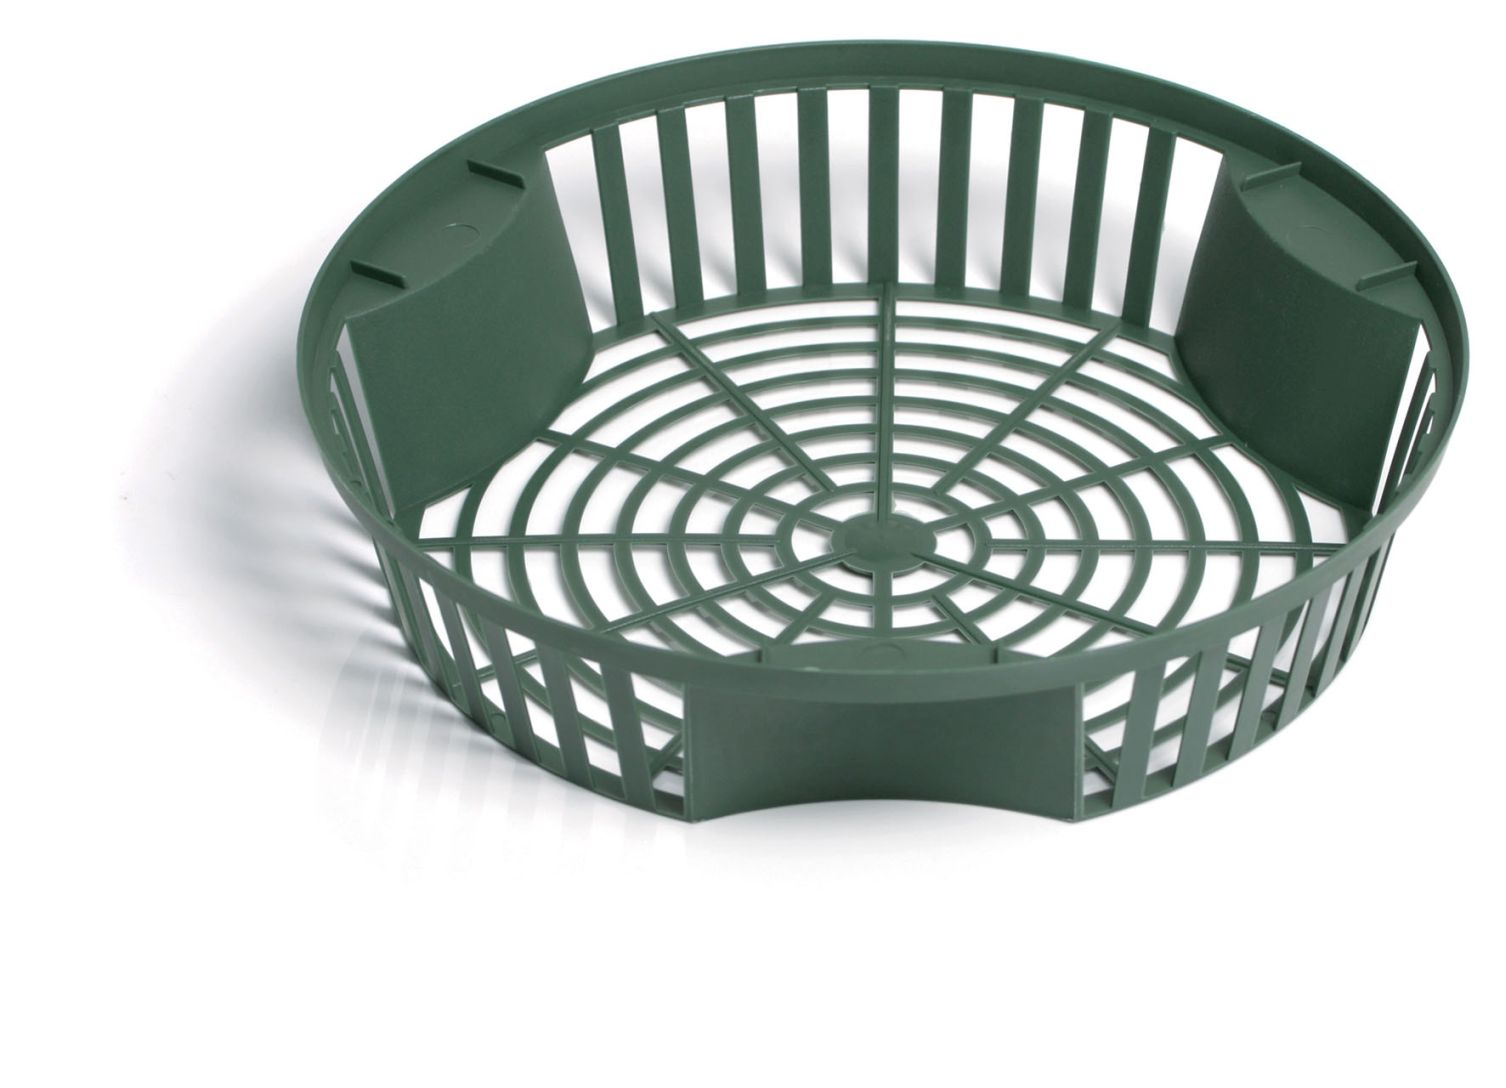 PROSPERPLAST Košík na cibuloviny ONION II tm.zelený 21,5cm